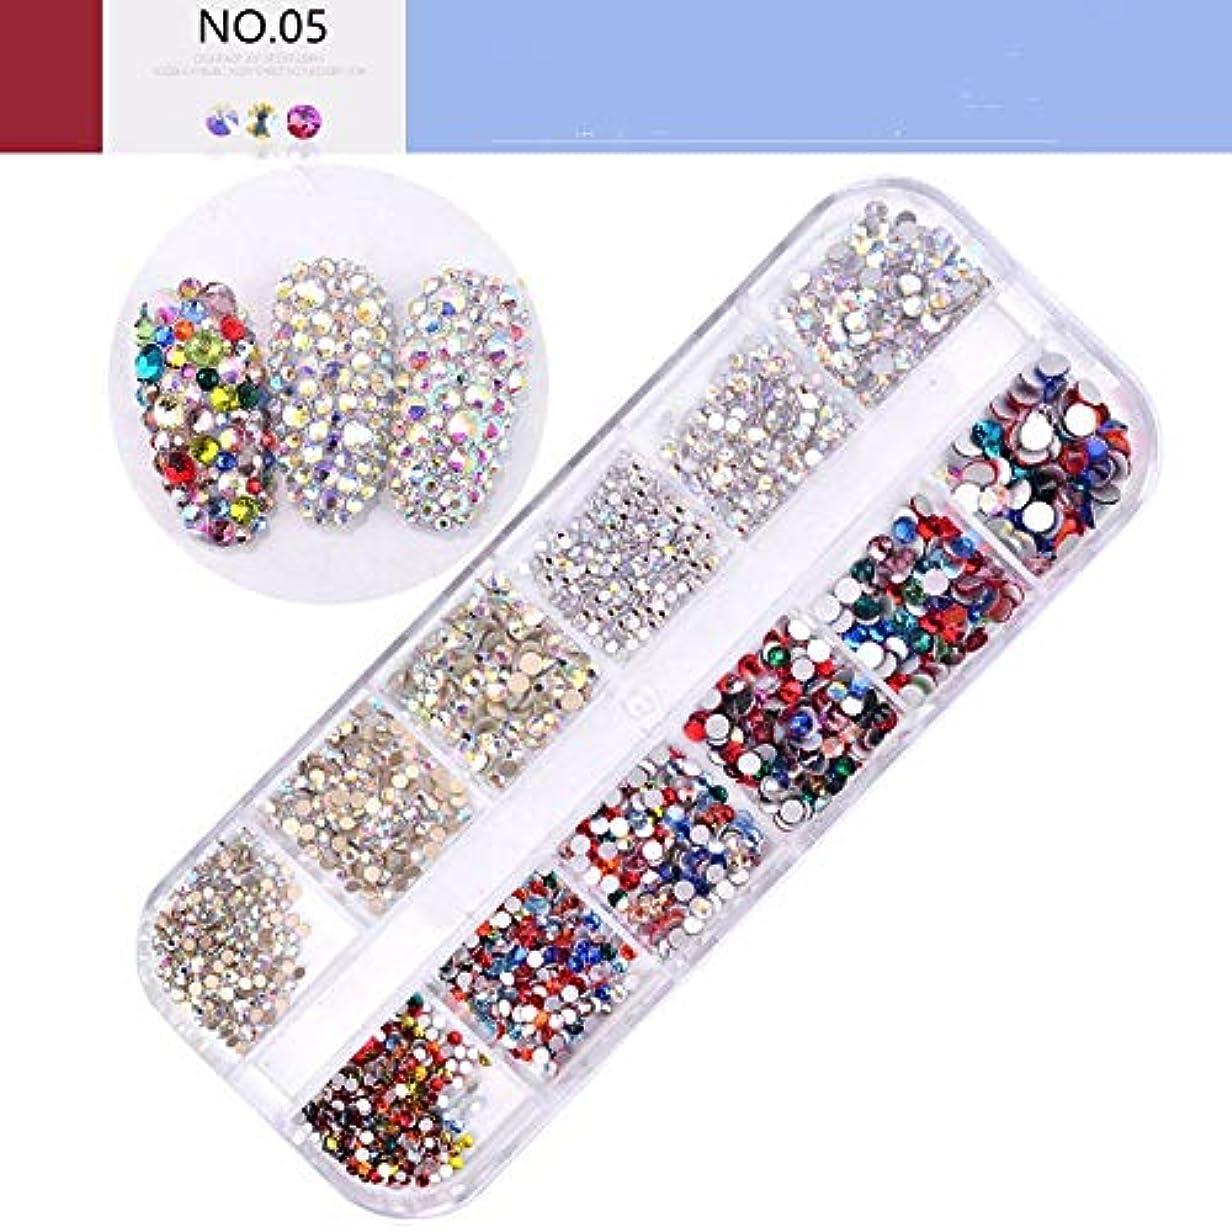 資本いっぱい永遠のJiaoran 1セットdiyネイルアートラウンドクリスタルabビーズフラットバックガラスネイルグリッターラインストーンビーズマニキュア装飾ツール (Color : 5)